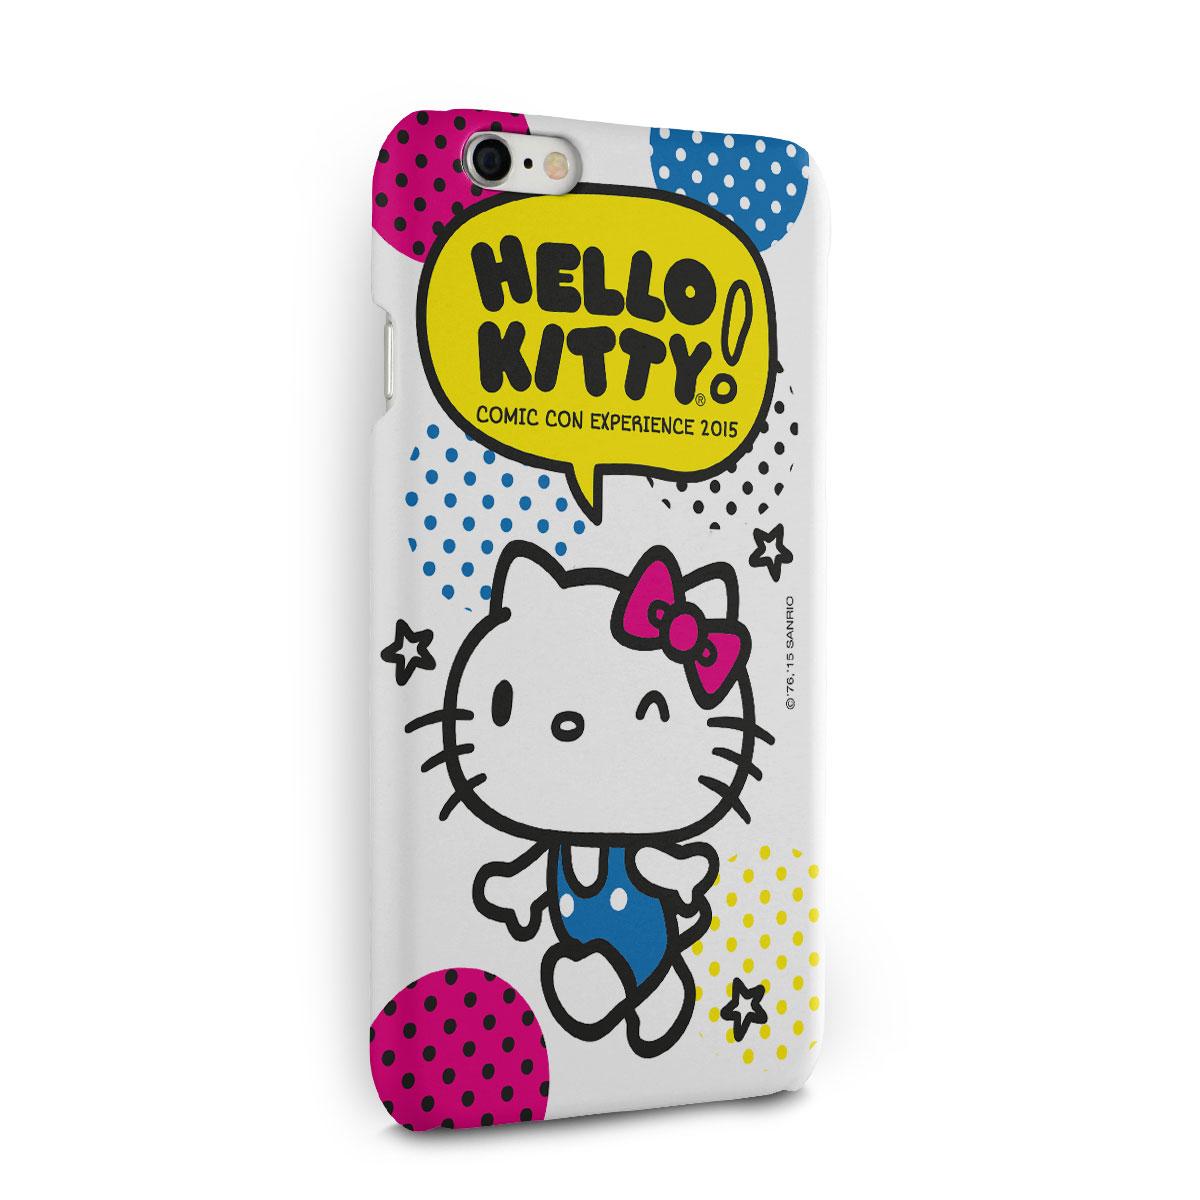 Capa para iPhone 6/6S Hello Kitty Comic Con Experience